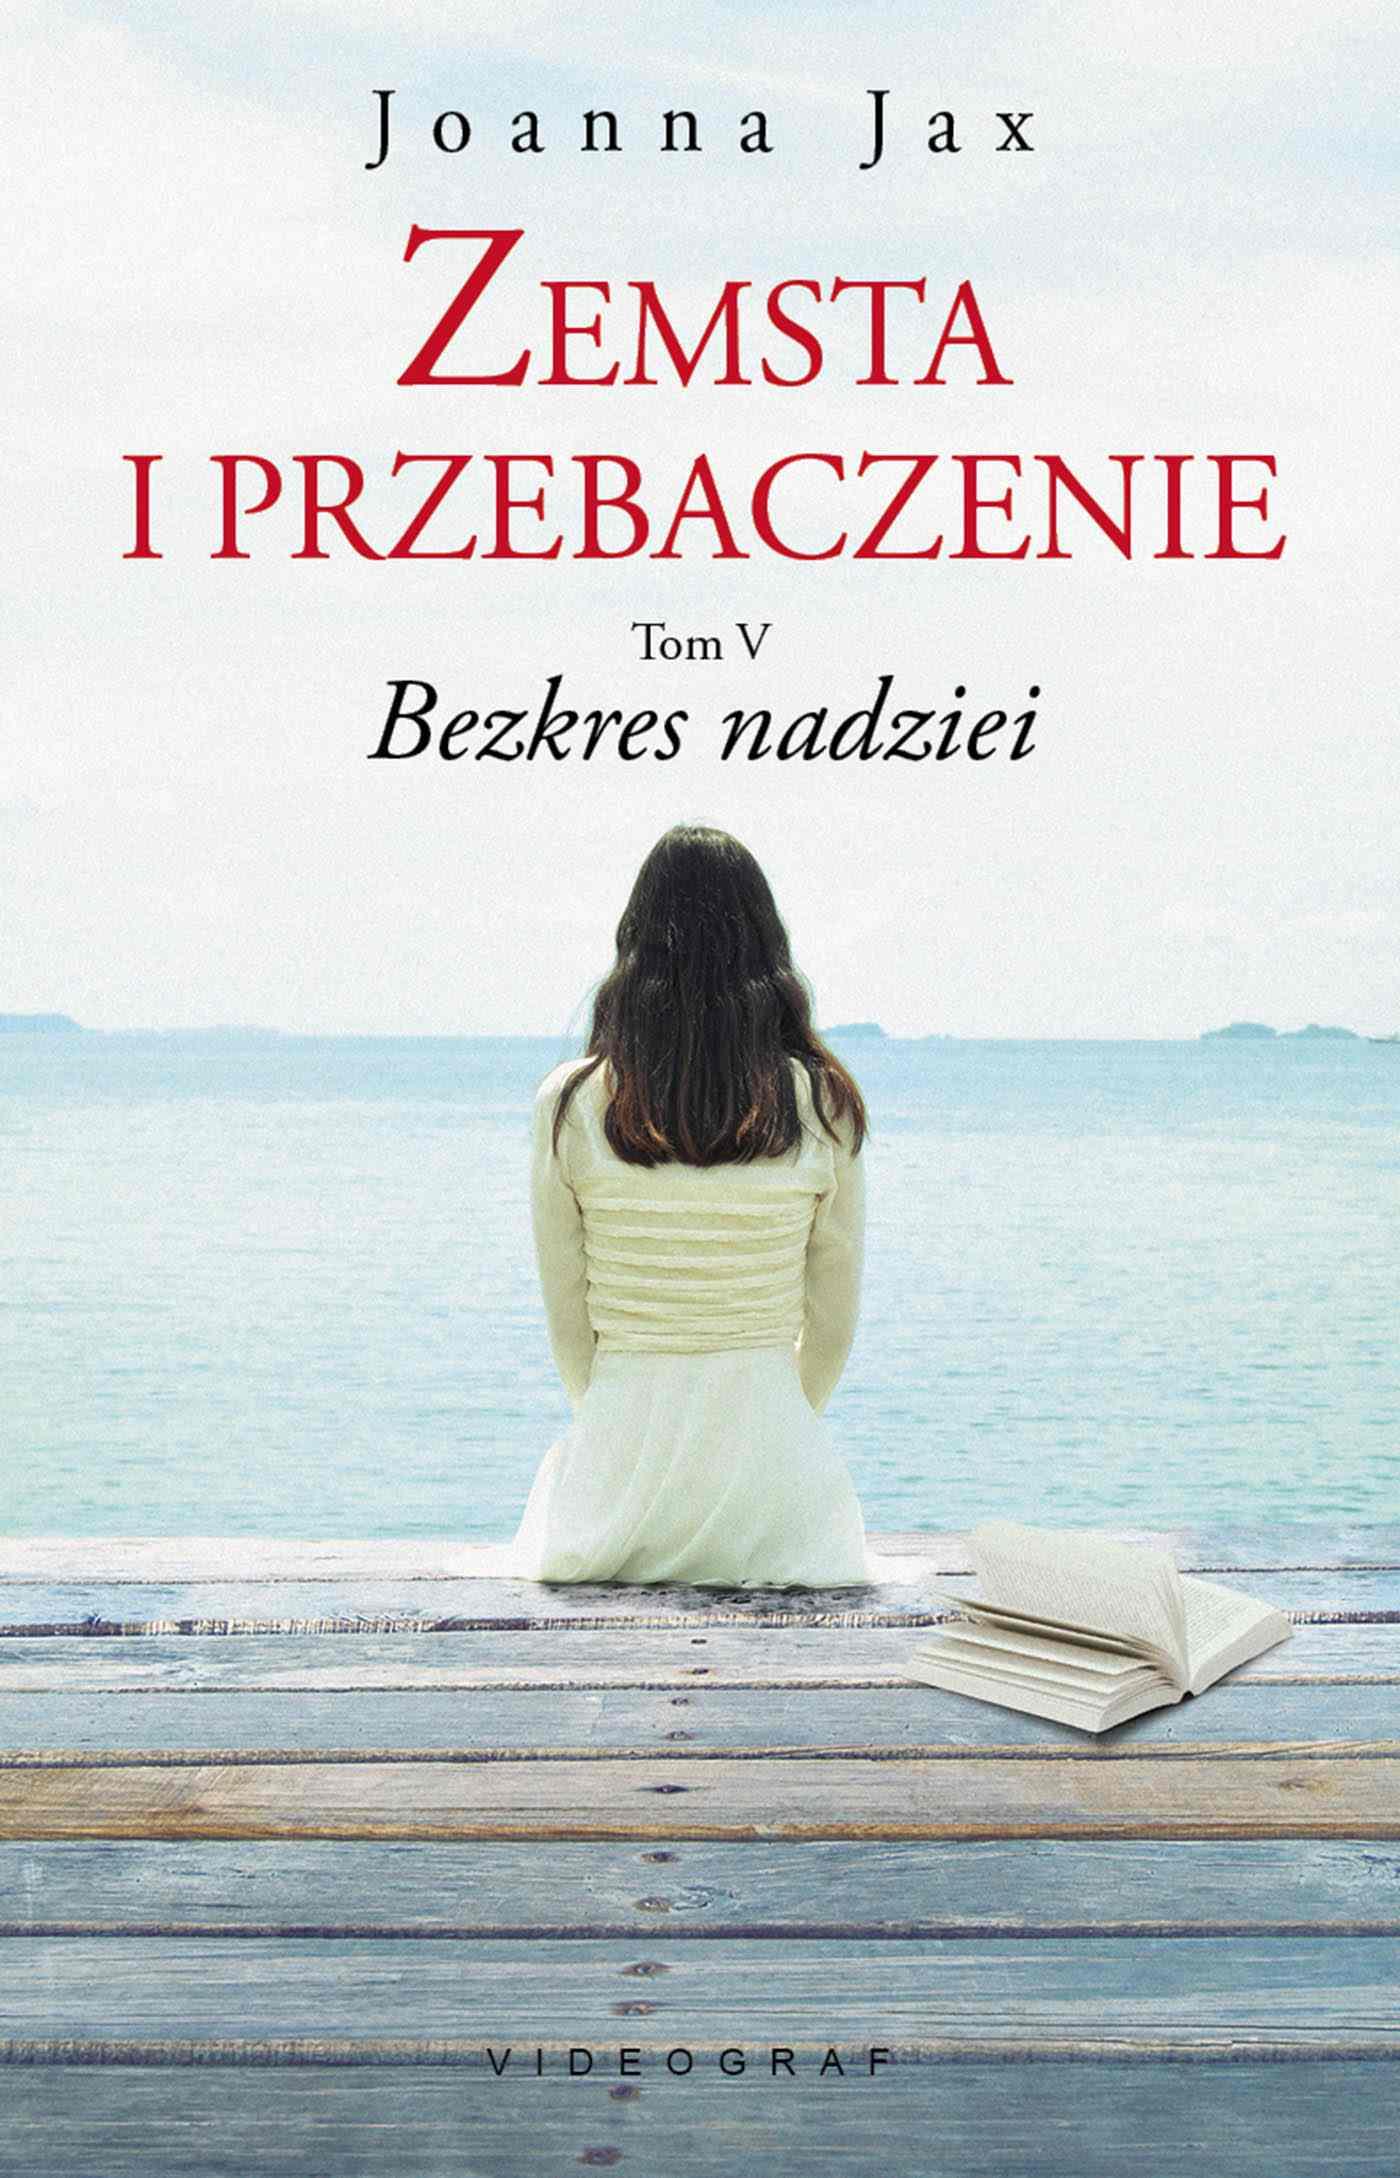 Zemsta i przebaczenie Tom V. Bezkres nadziei - Ebook (Książka EPUB) do pobrania w formacie EPUB